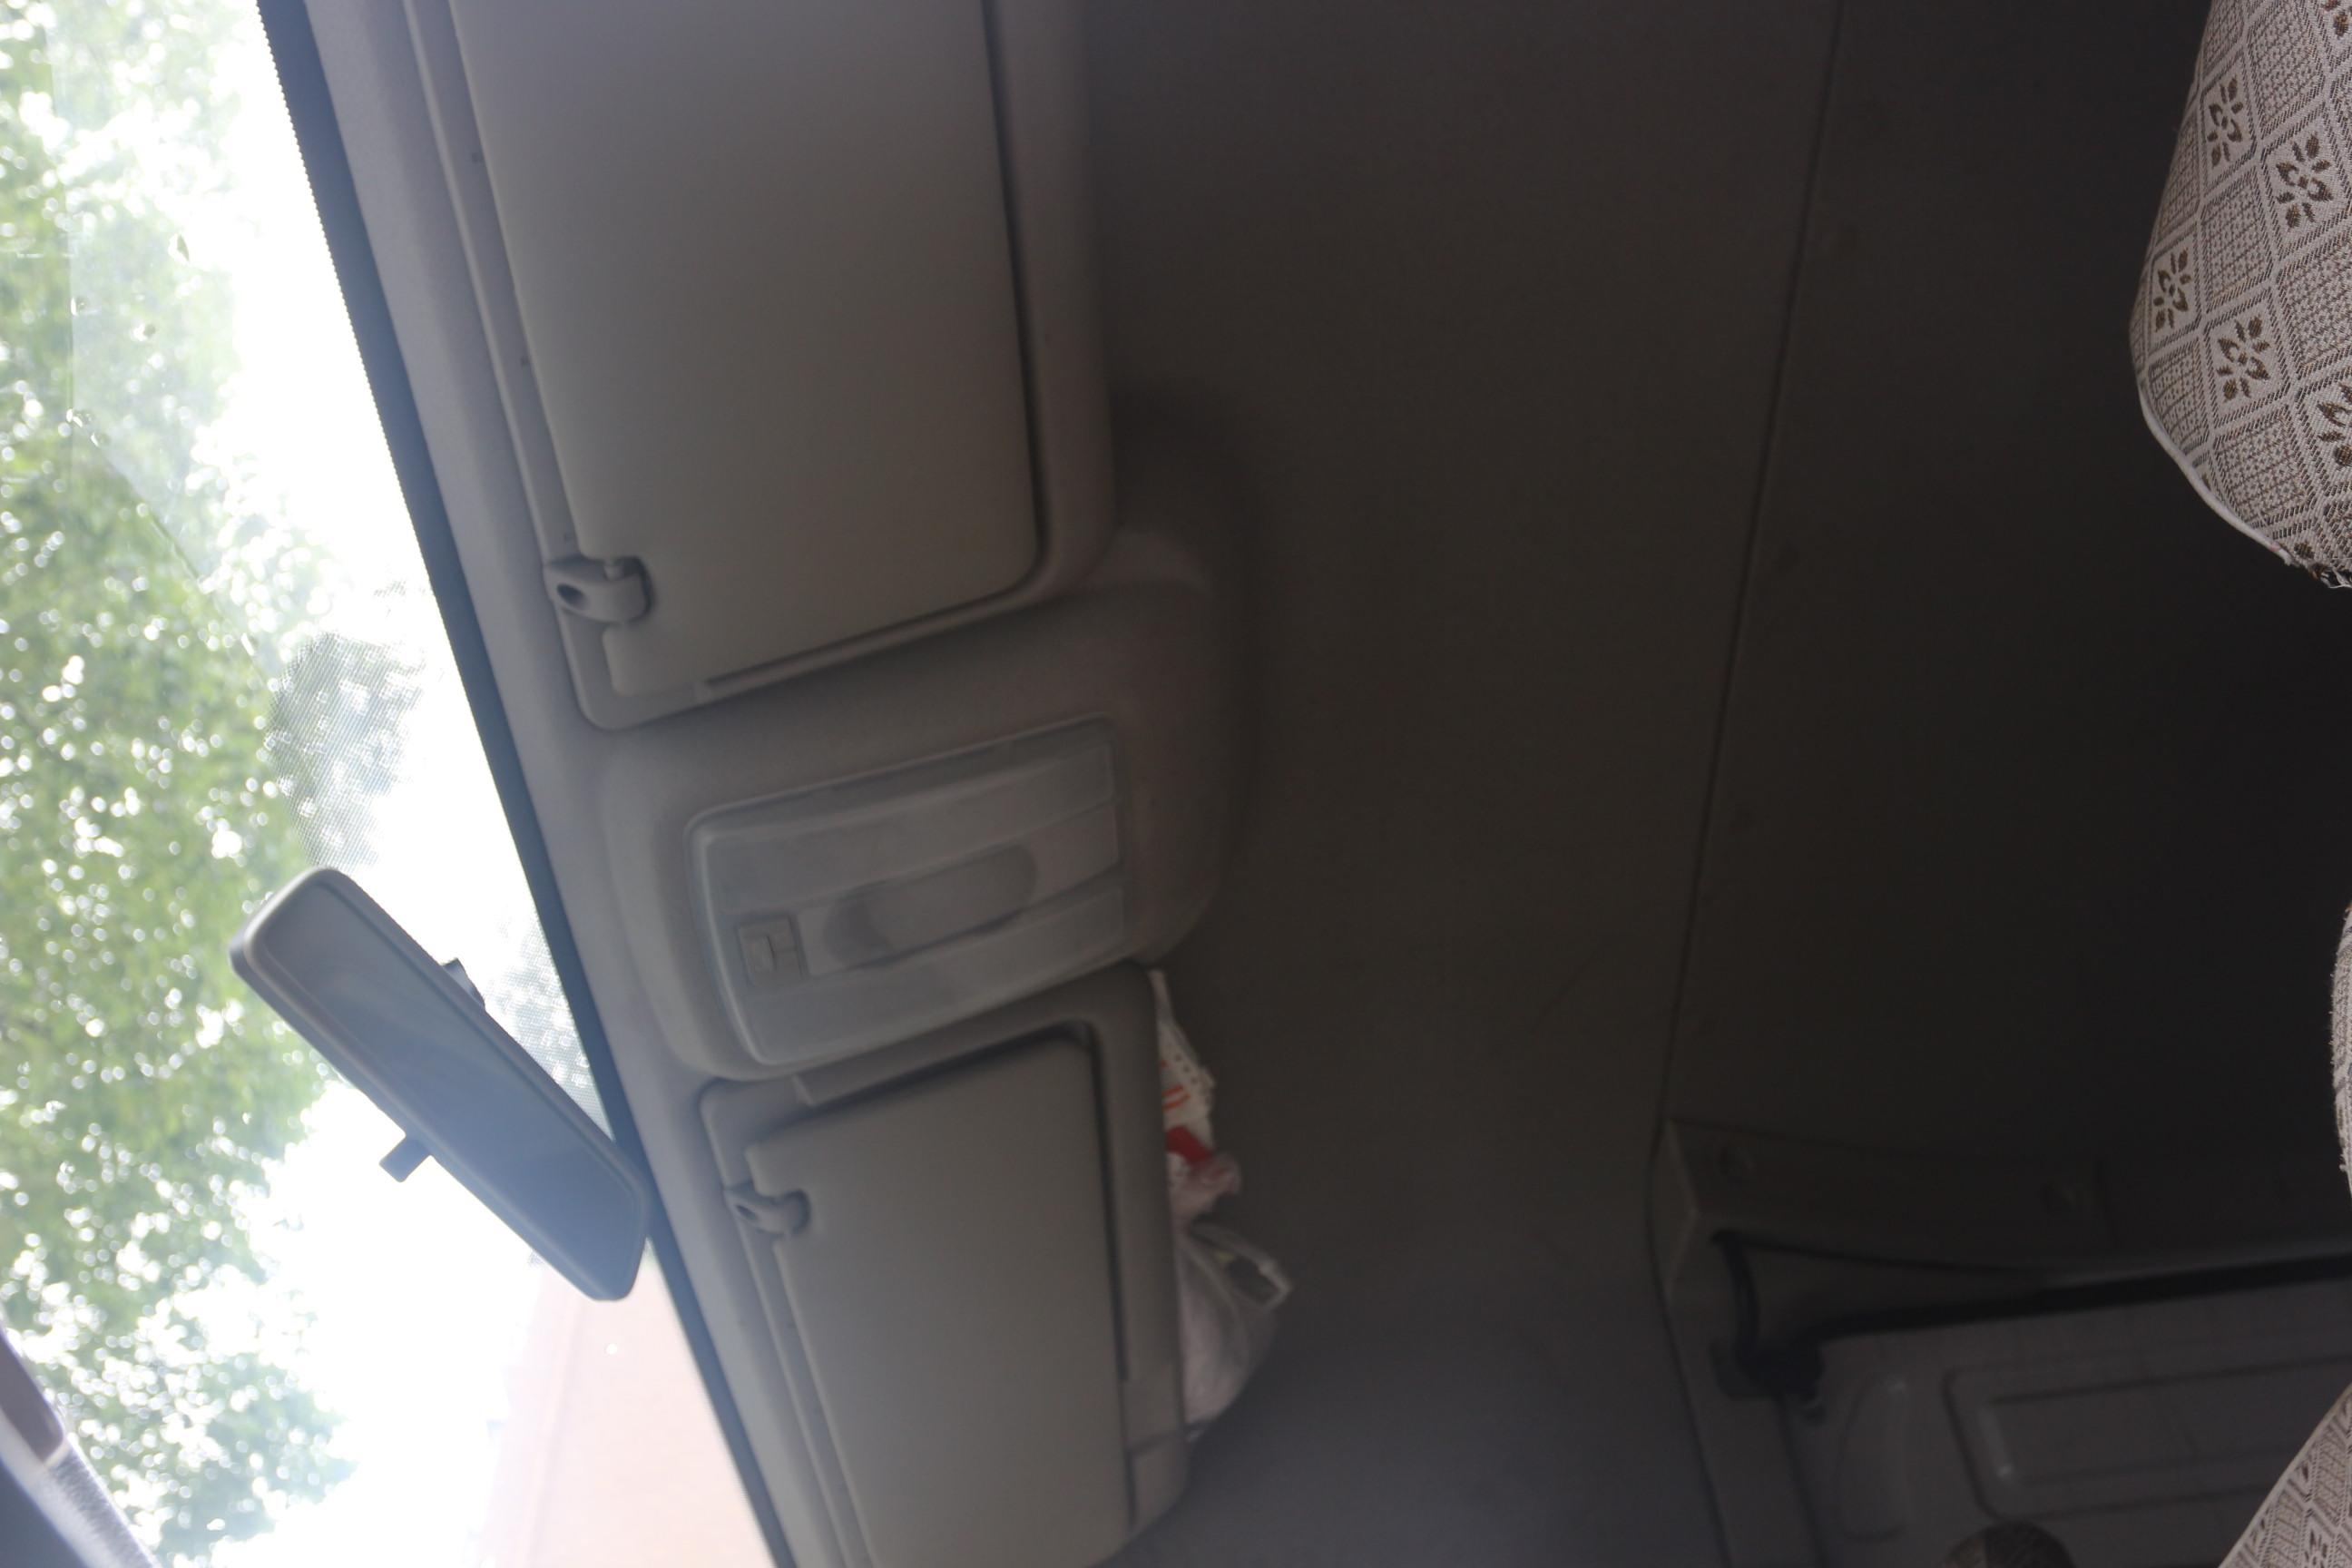 汽车中控主机接线图解